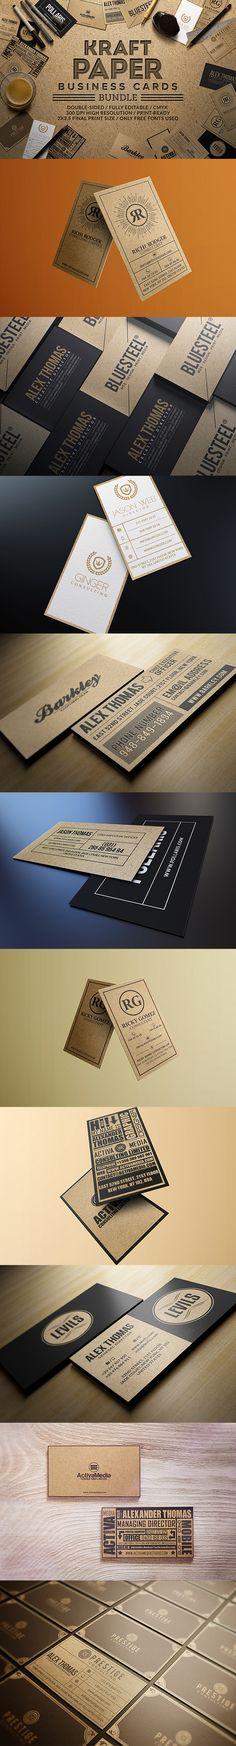 Kraft Paper Business Card Bundle DOWNLOAD HERE: https://creativemarket.com/Marvels/825803-Kraft-Paper-Business-Cards-Bundle?u=Marvels